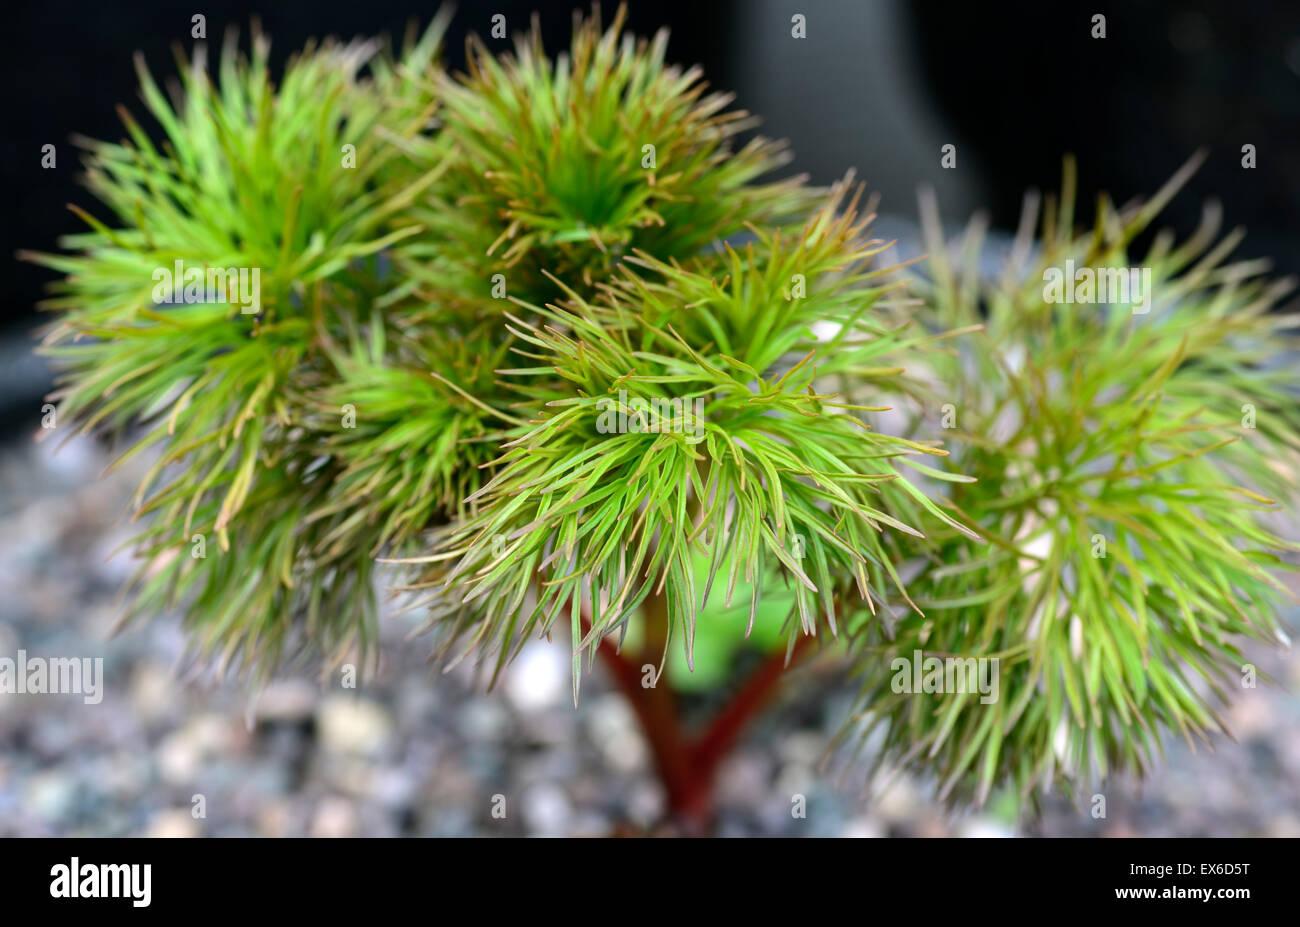 Paeonia tenuifolia feuilles finement dentelées pivoines atypique coupe peonys Floral RM Banque D'Images